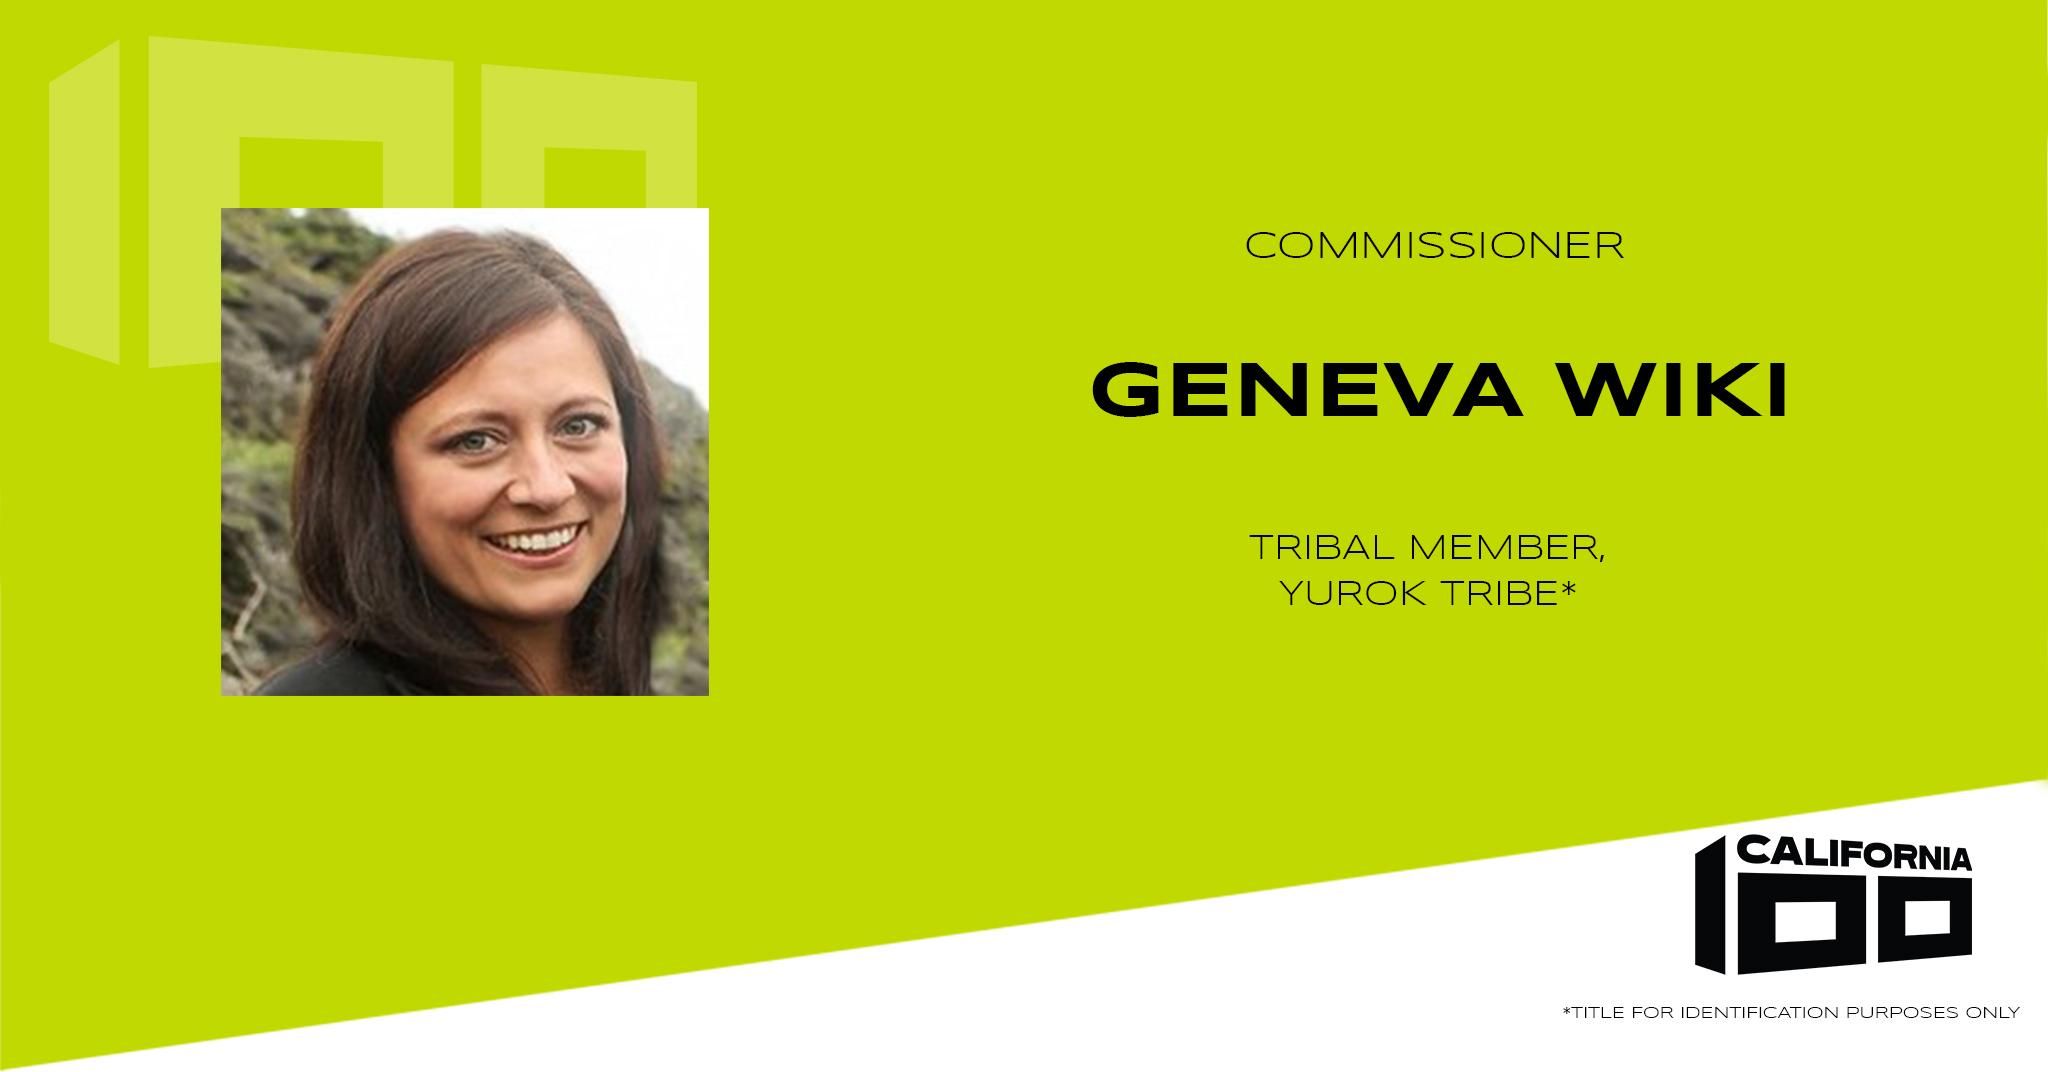 Geneva Wiki